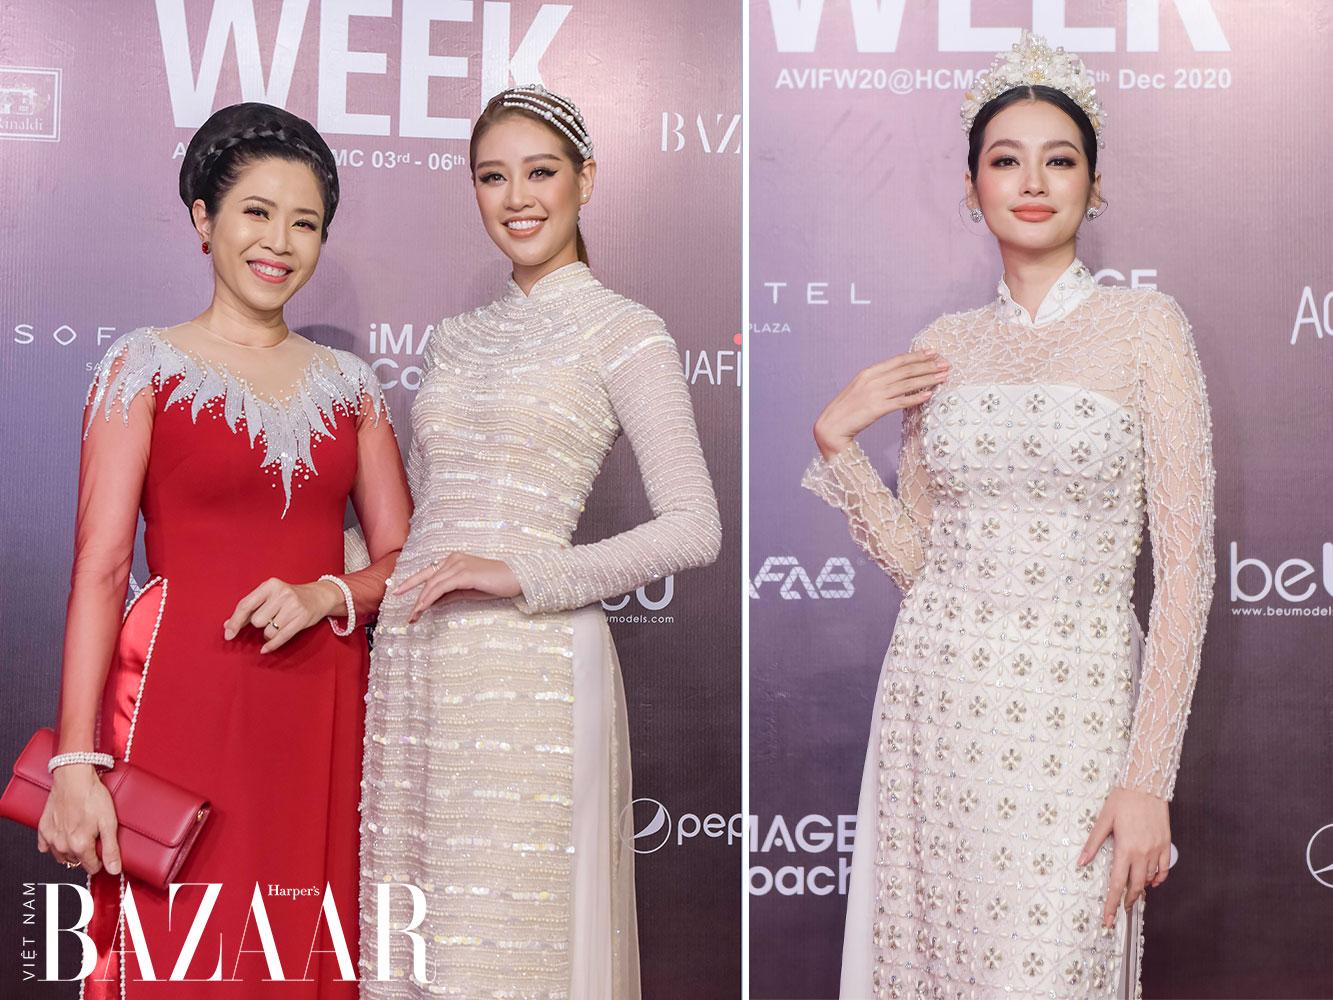 Cách chọn áo dài đi tiệc đẹp như hoa hậu Khánh Vân, Trương Tri Trúc Diễm trên thảm đỏ AVIFW 2020